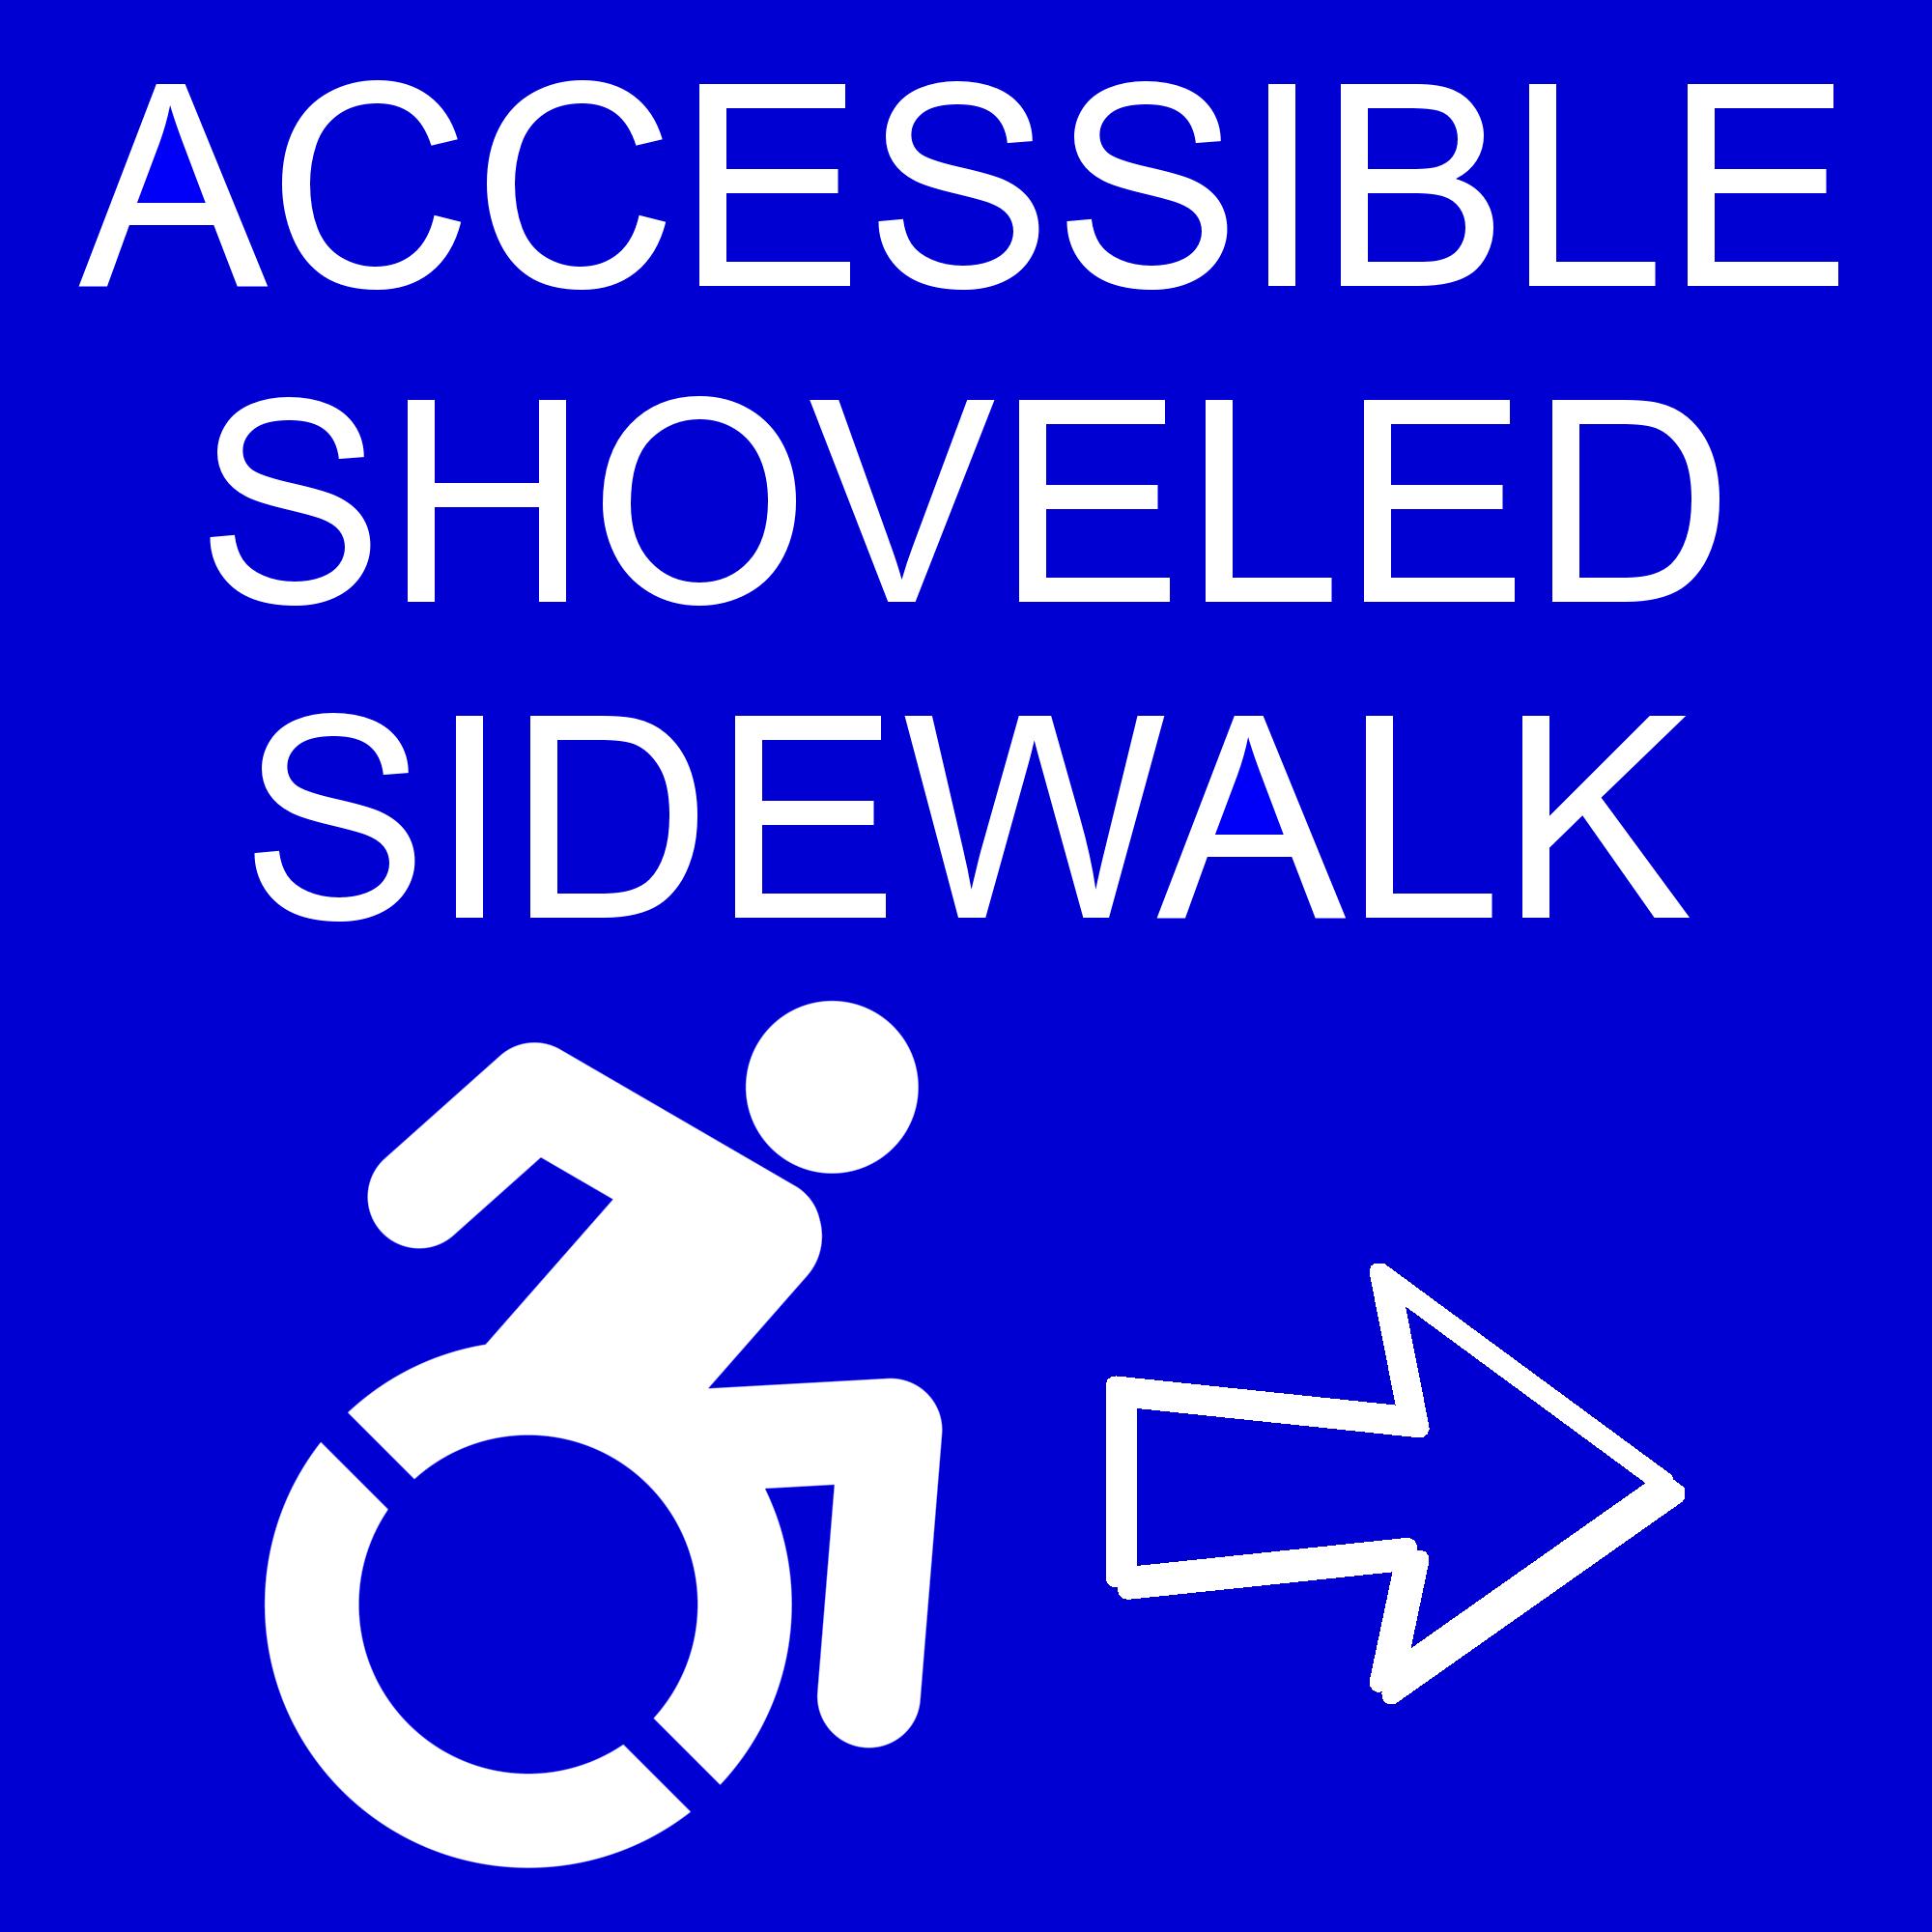 Accessible Shoveled Sidewalk.png